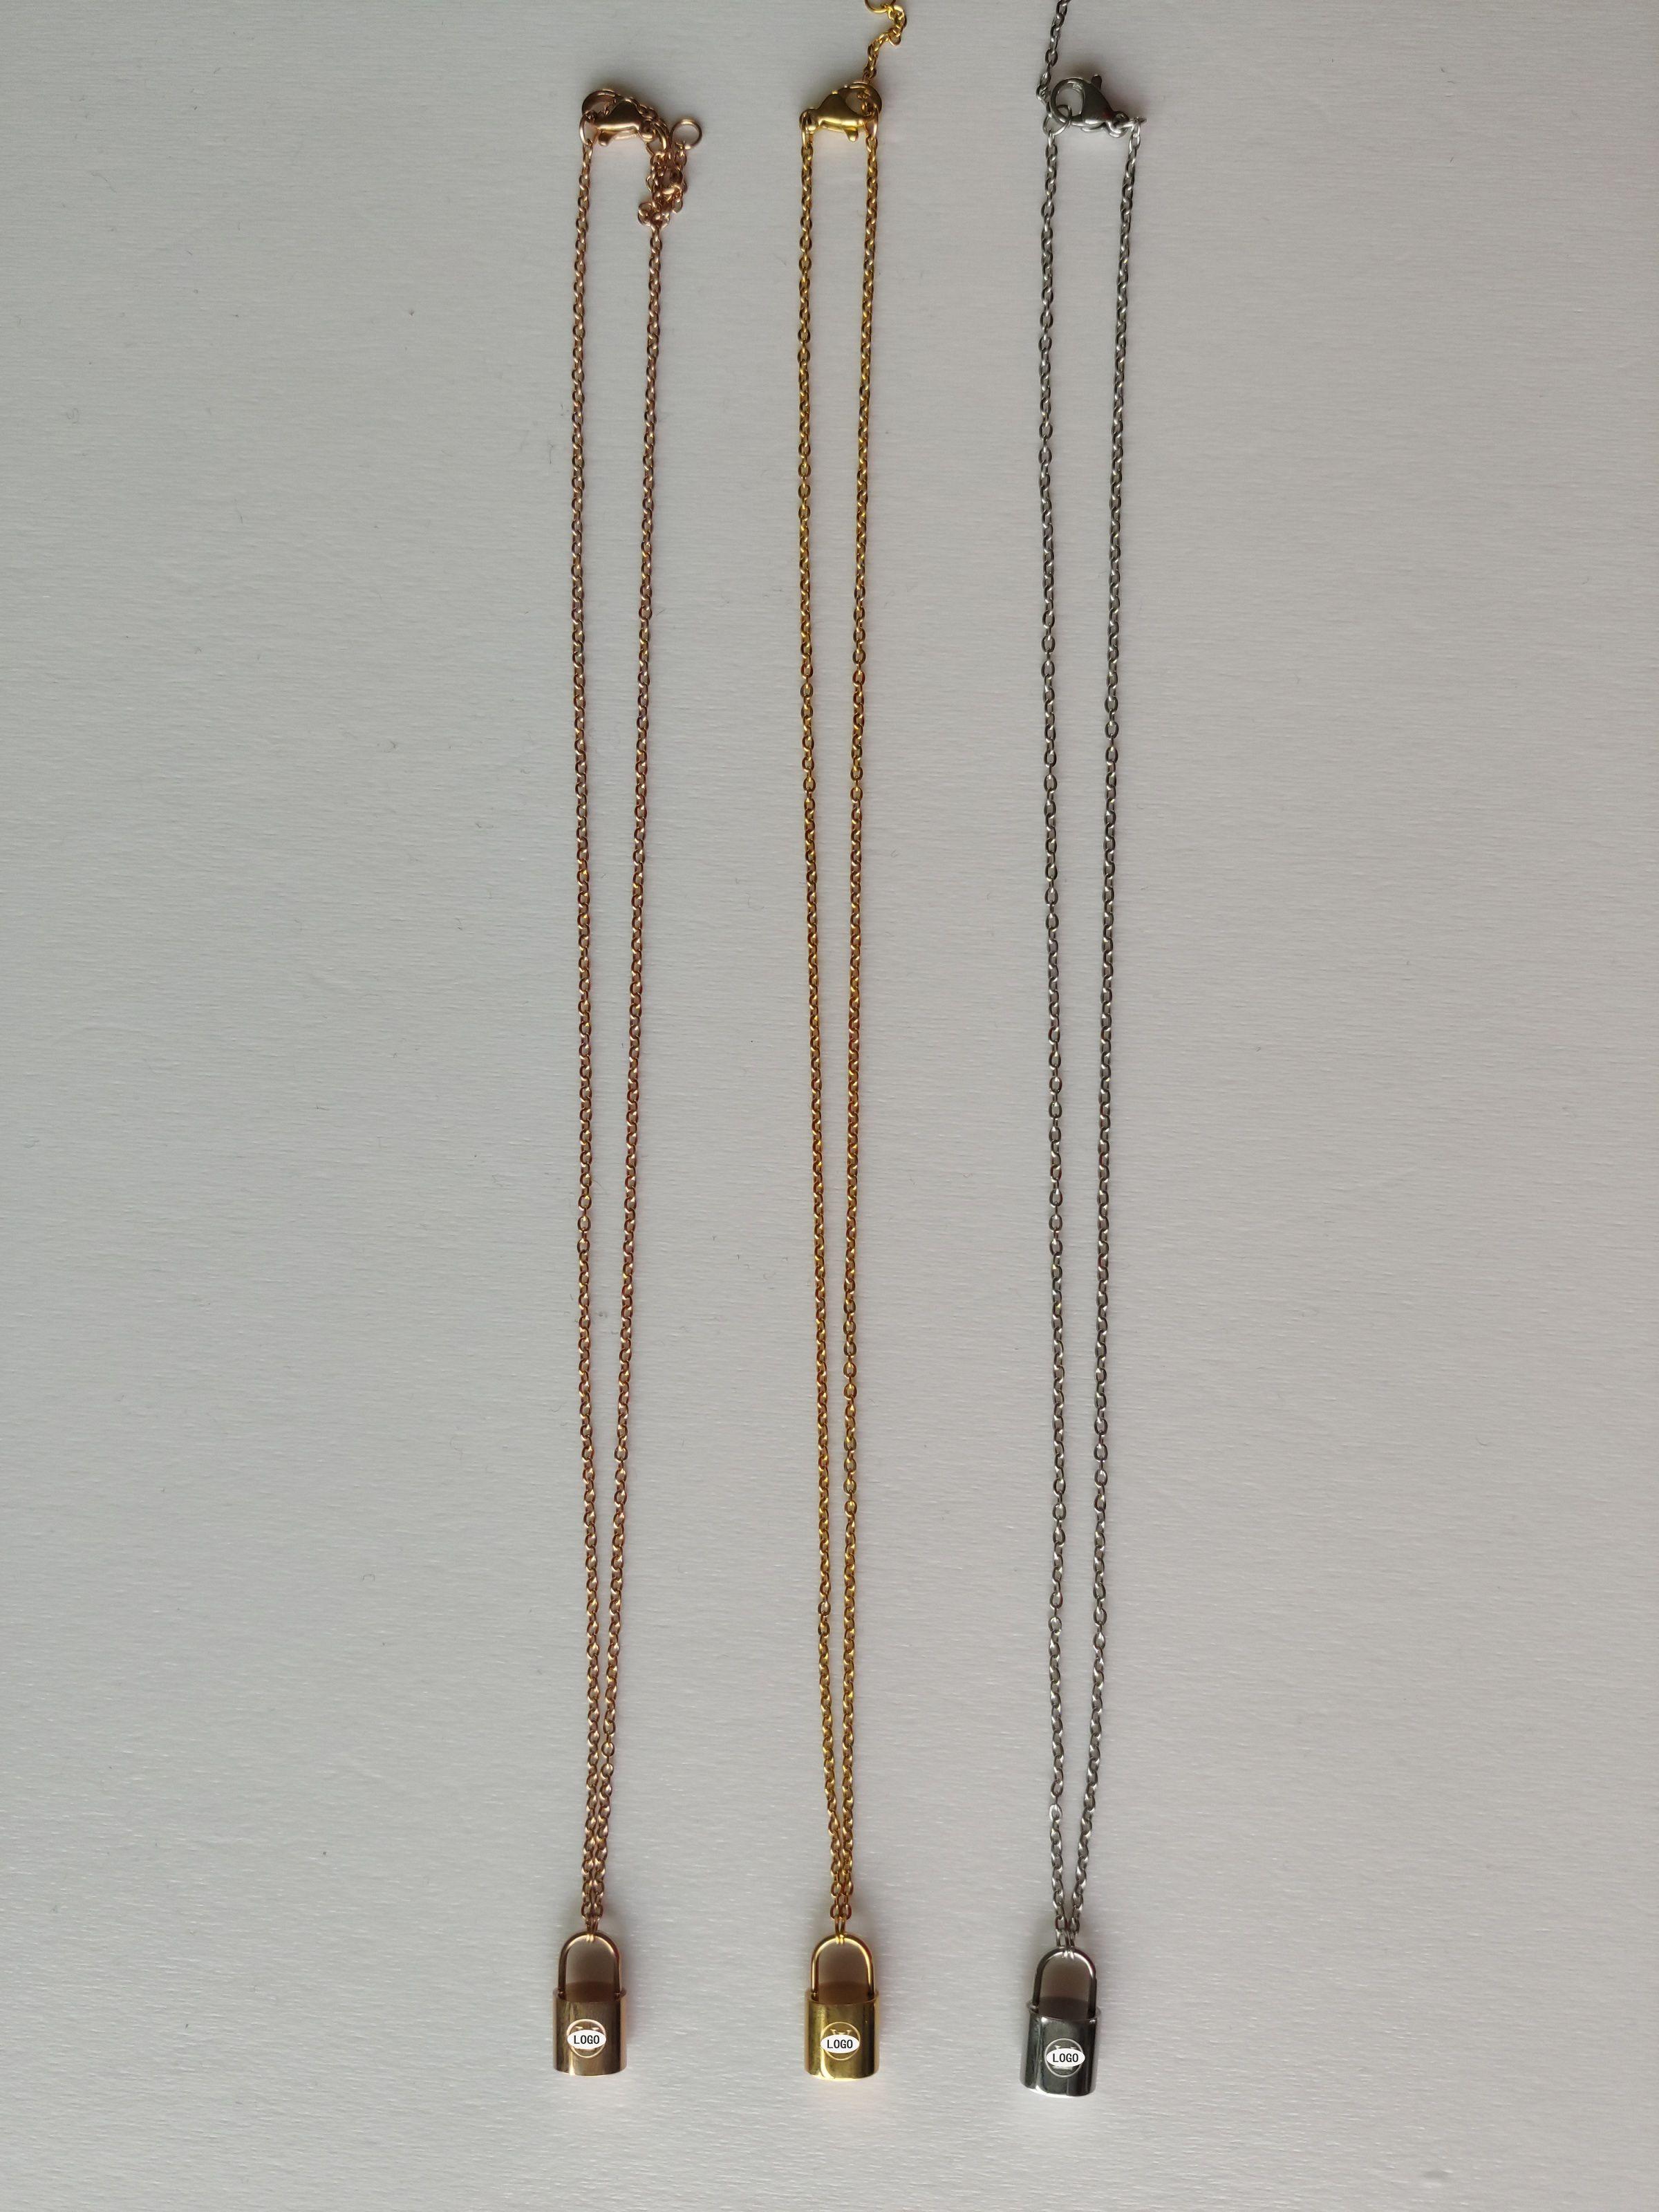 Collier de luxe pour hommes Collier de créateurs de luxe pour hommes élégant élégant chaîne en argent collier et boucles d'oreilles bracelets costume